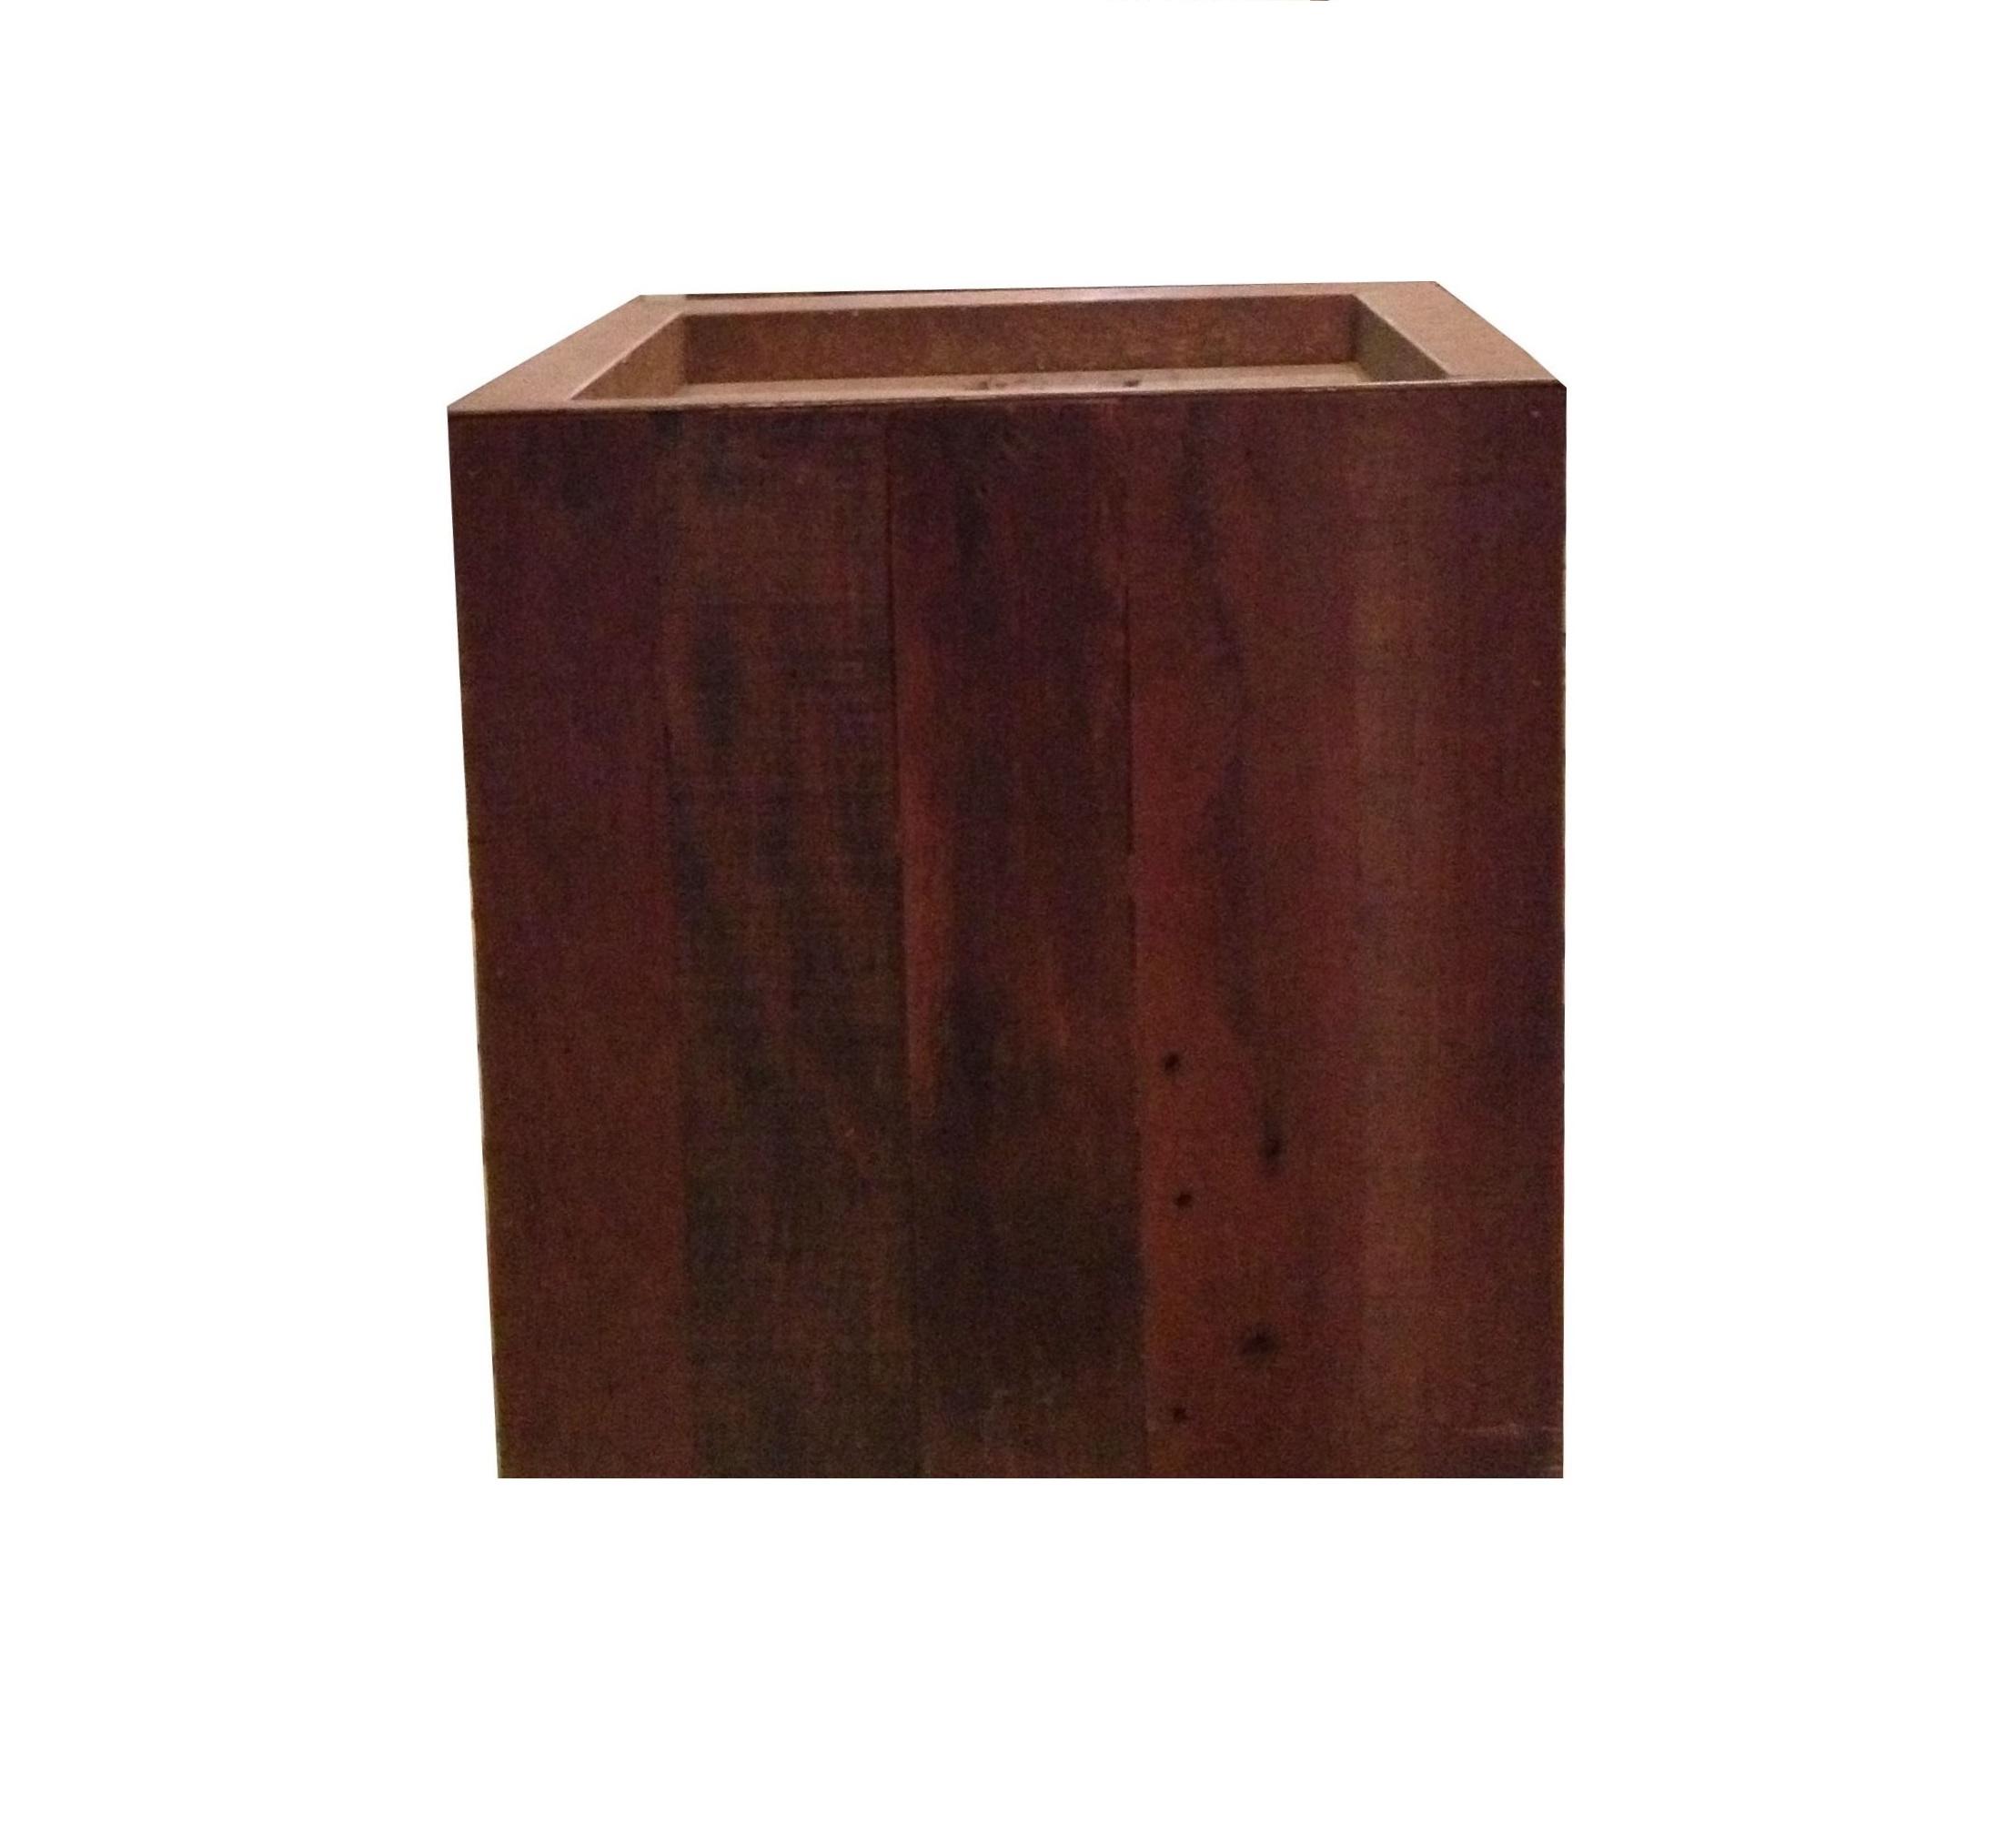 cachepot quadrado de madeira produto vaso de revestido de madeira de  #401F19 2216x2028